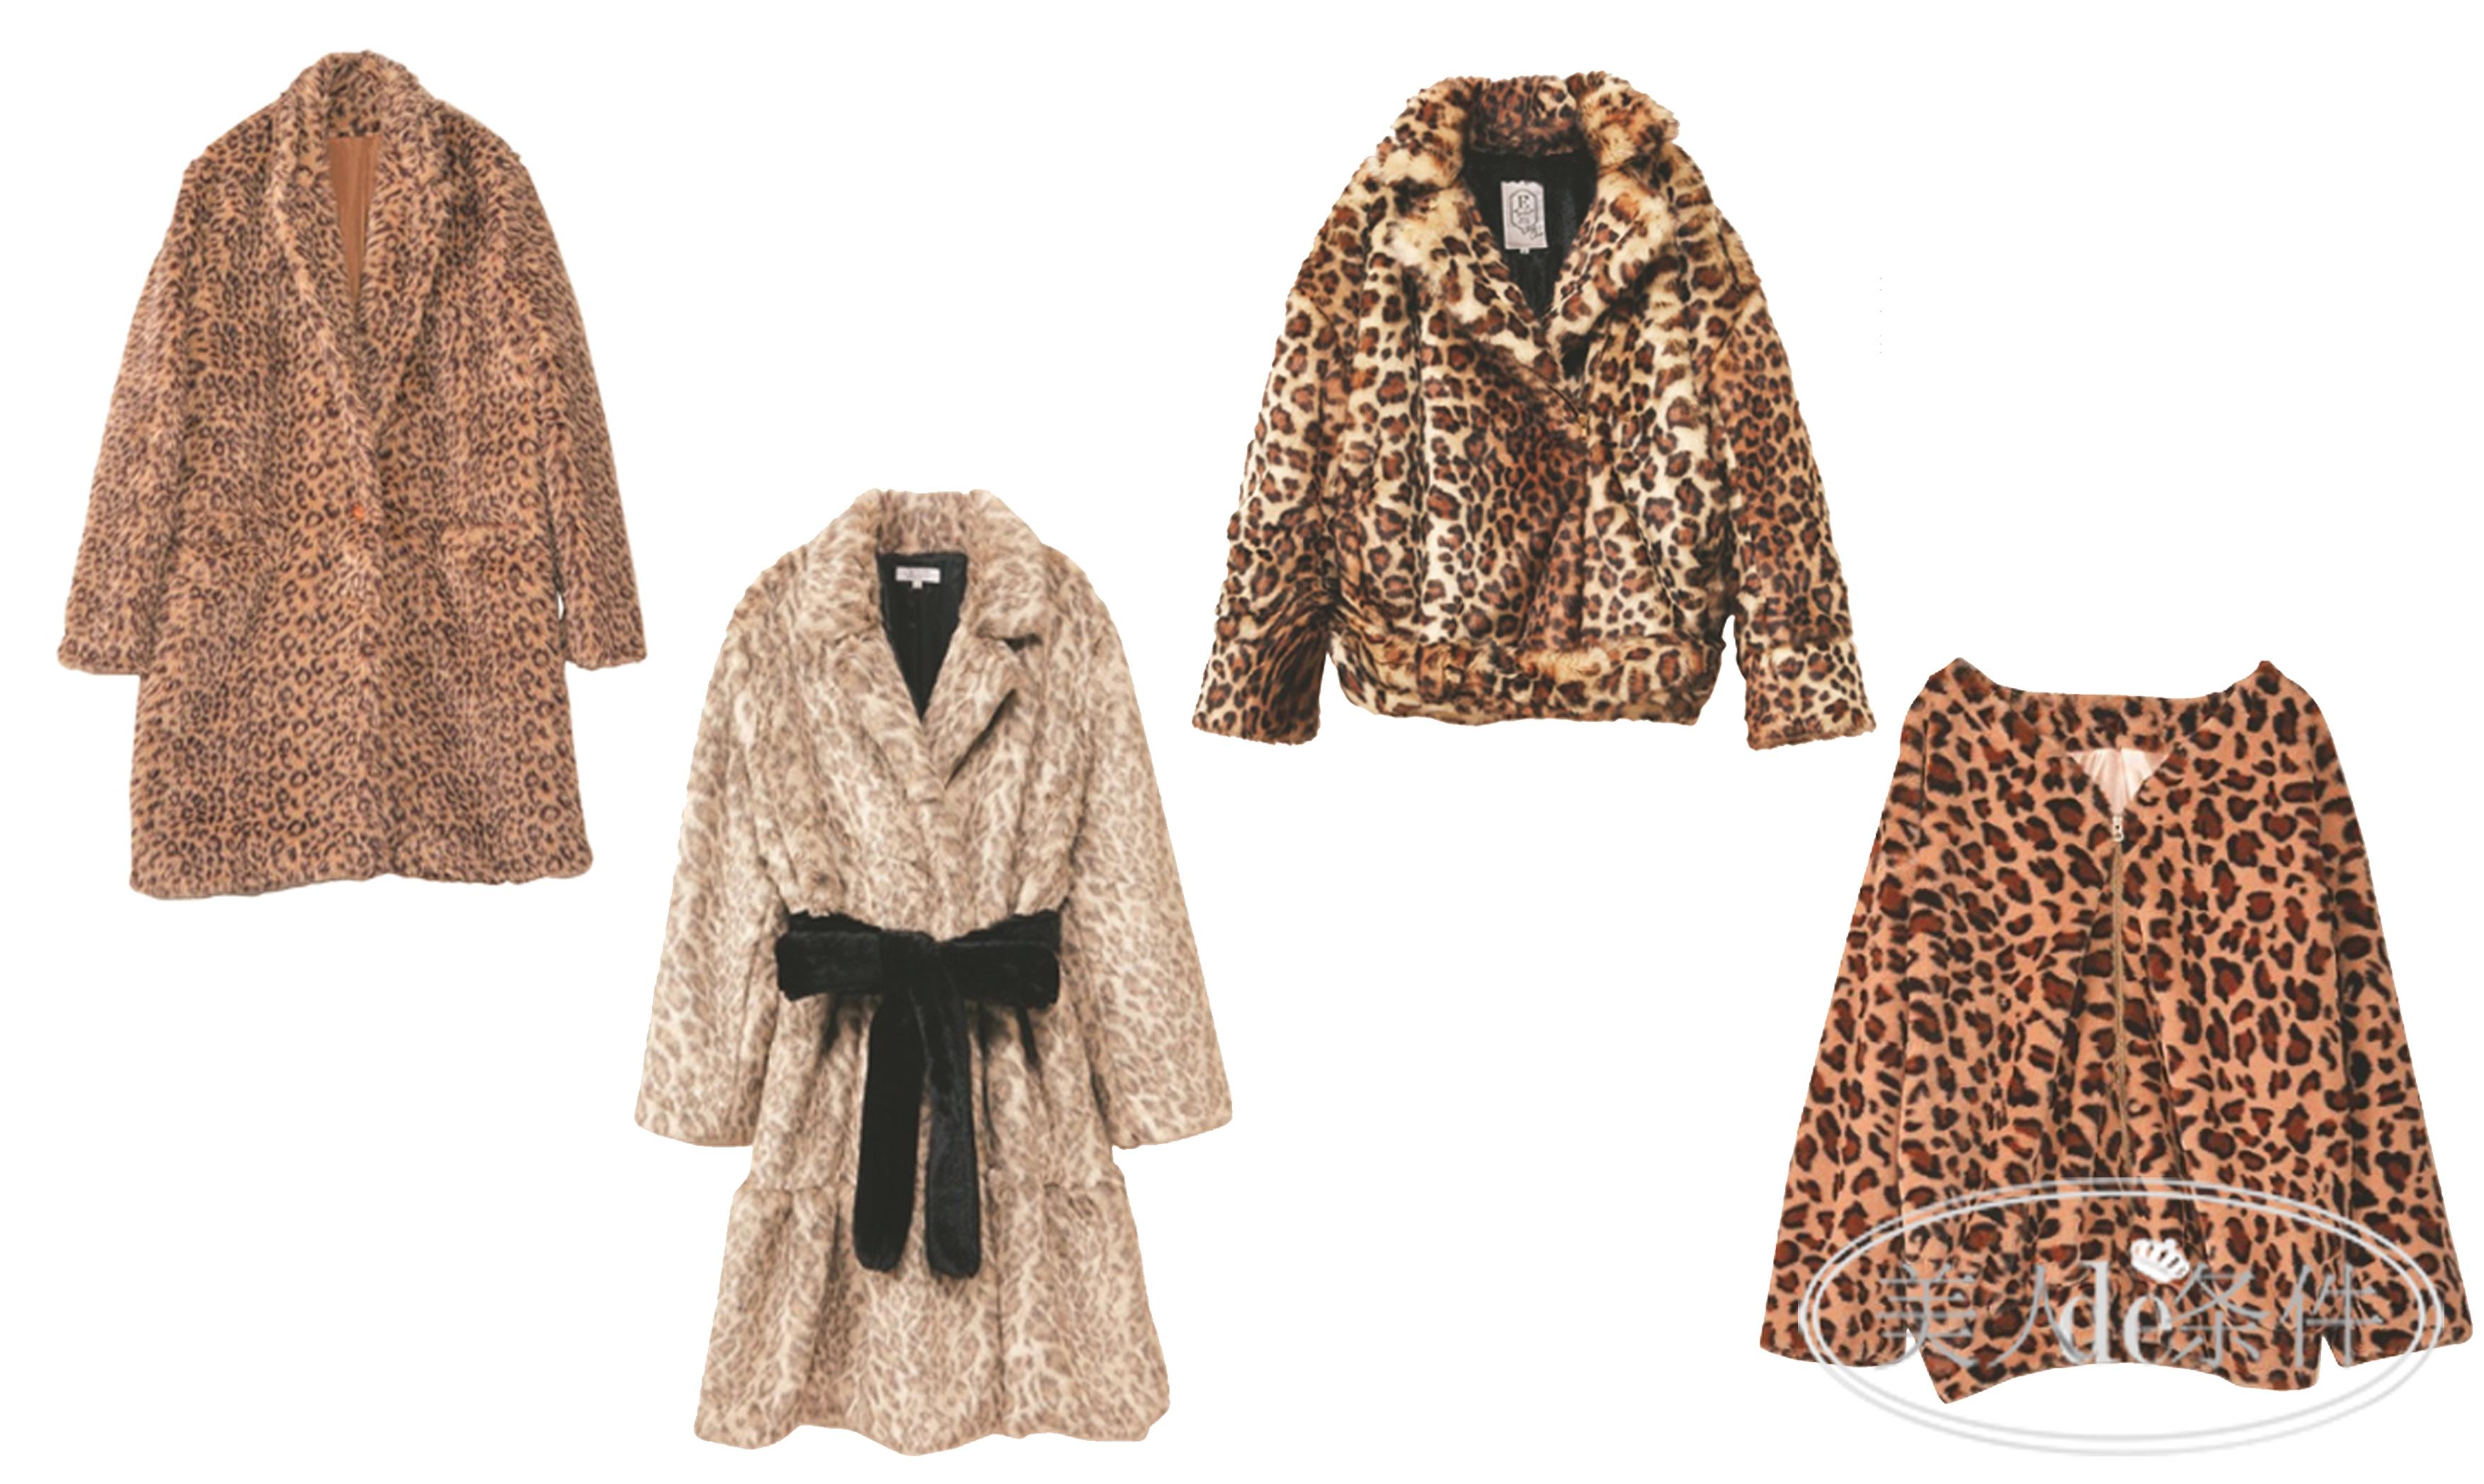 今年大家都穿貂,属日本模特时髦又清新